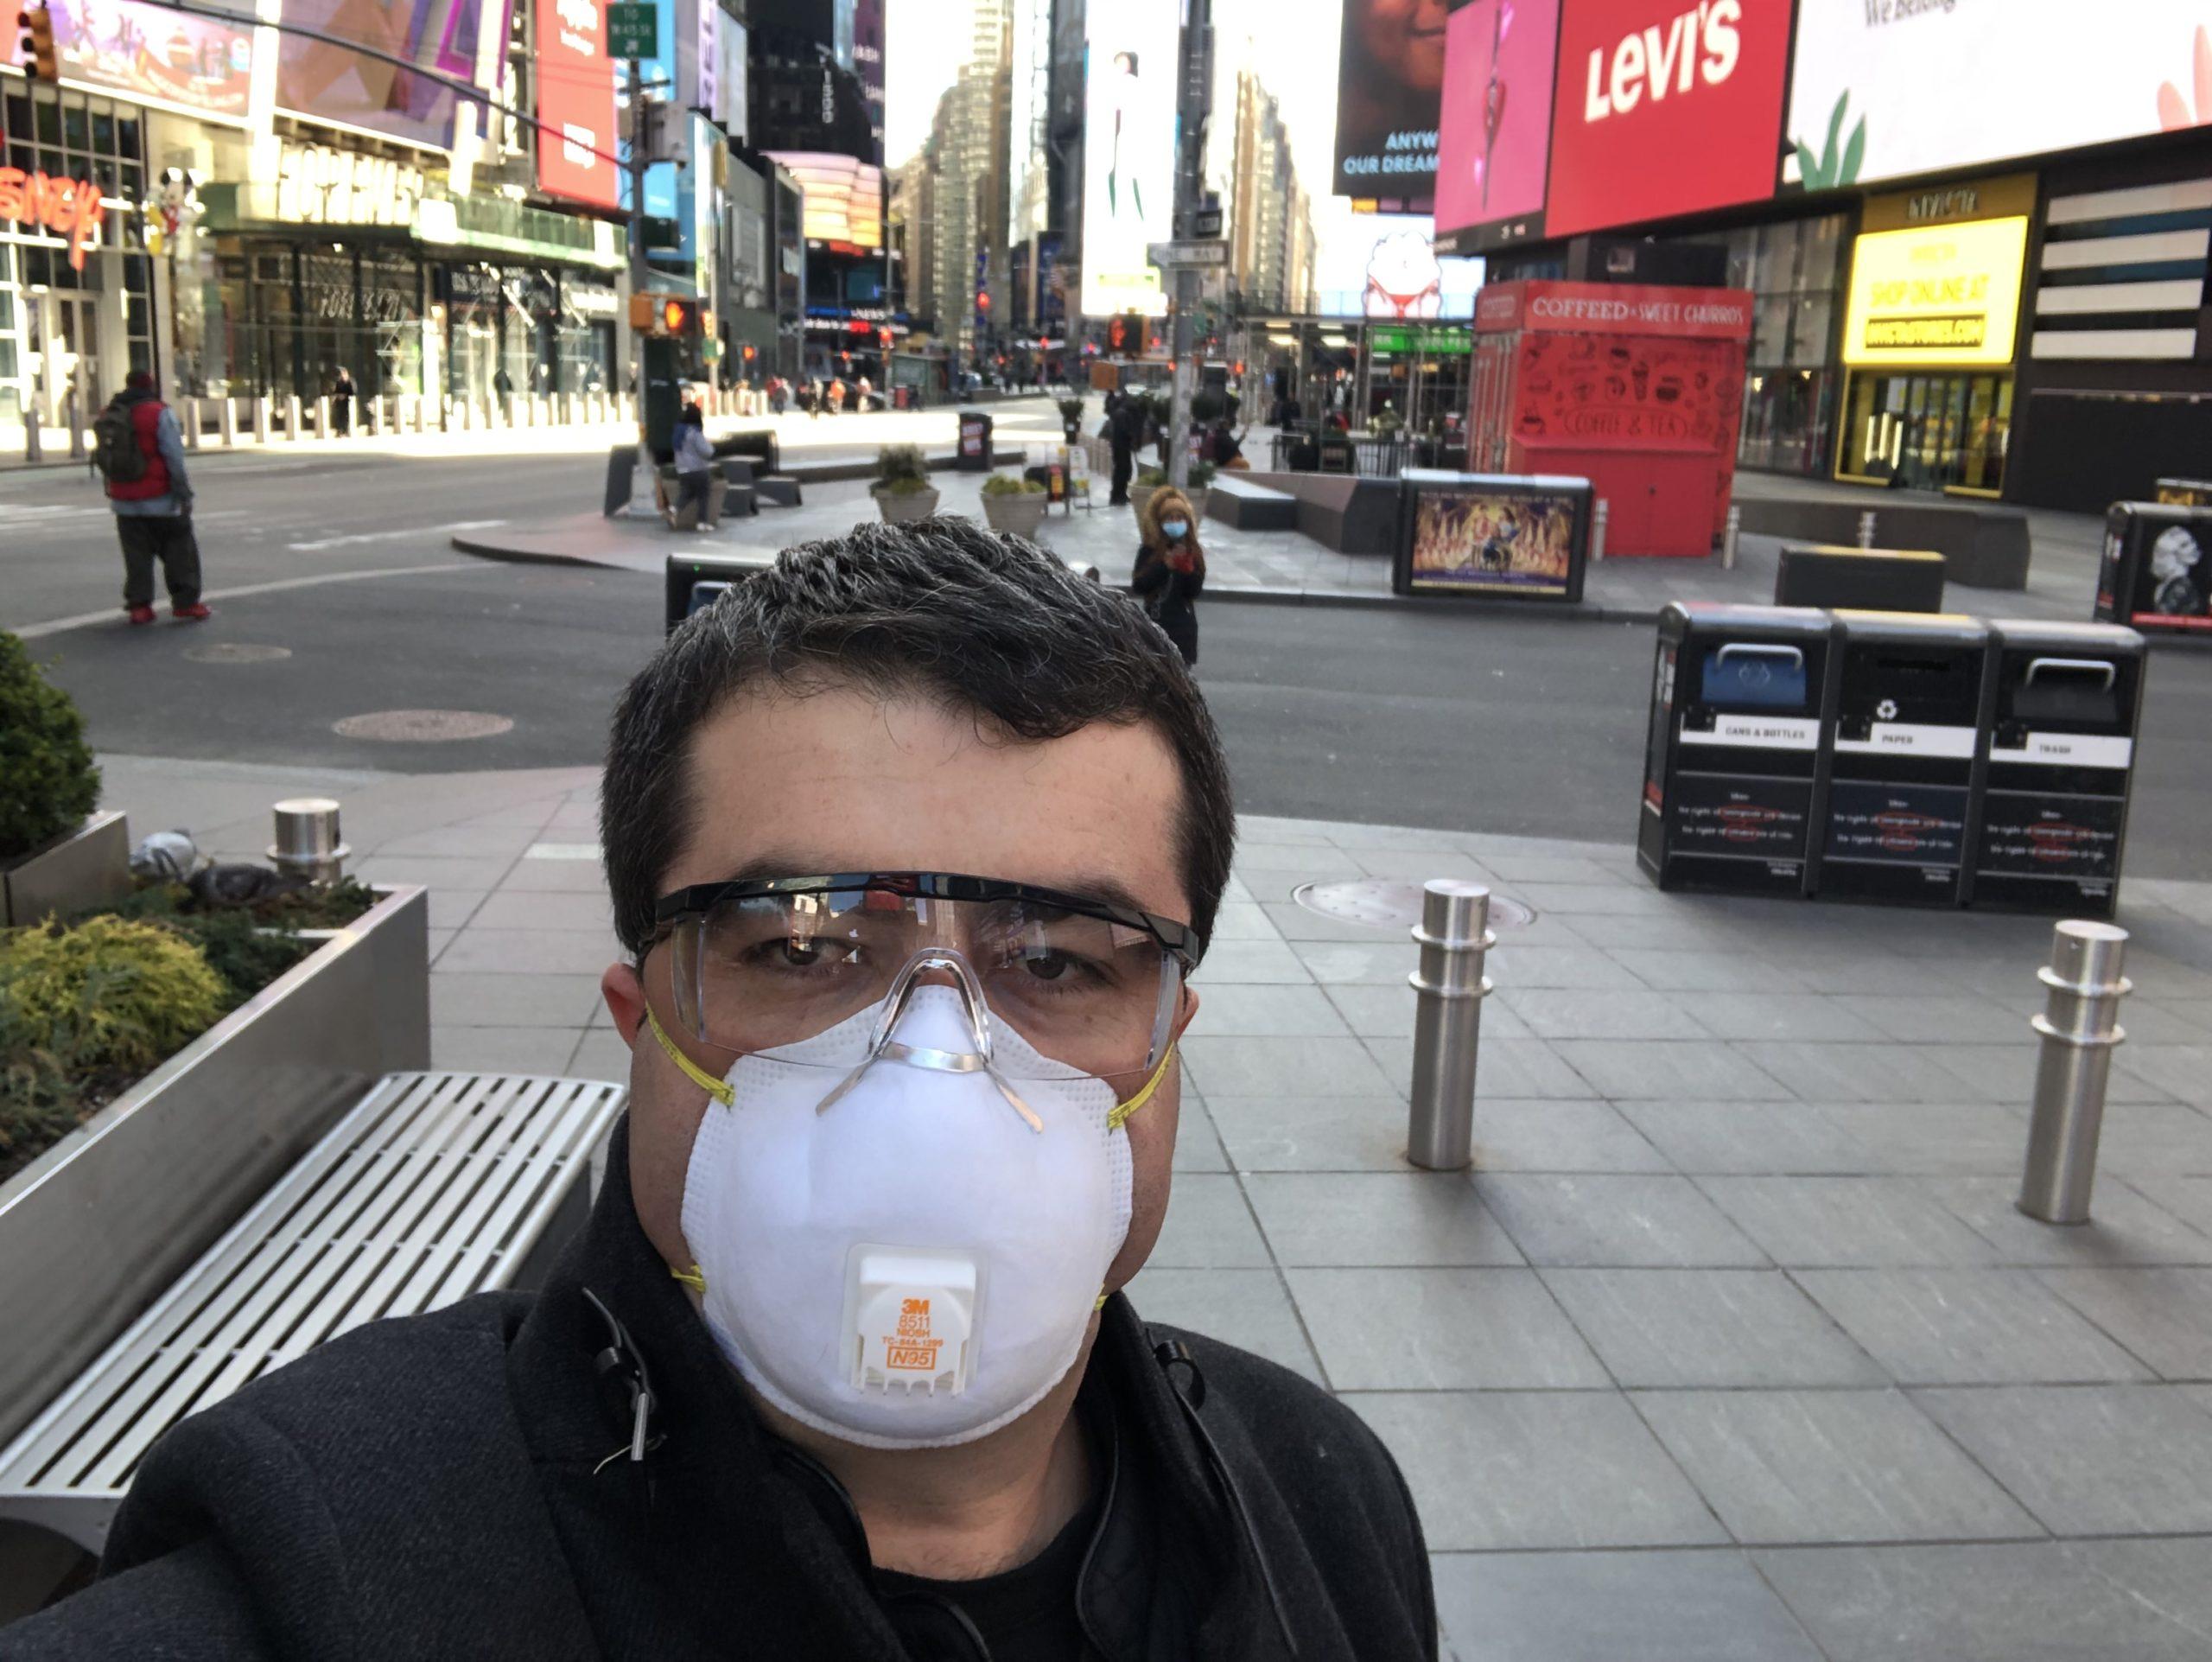 Sead Hodžić, urednik portala Fokus, eksluzivno za Monitor iz Njujorka: Kao u apokaliptičnim filmovima